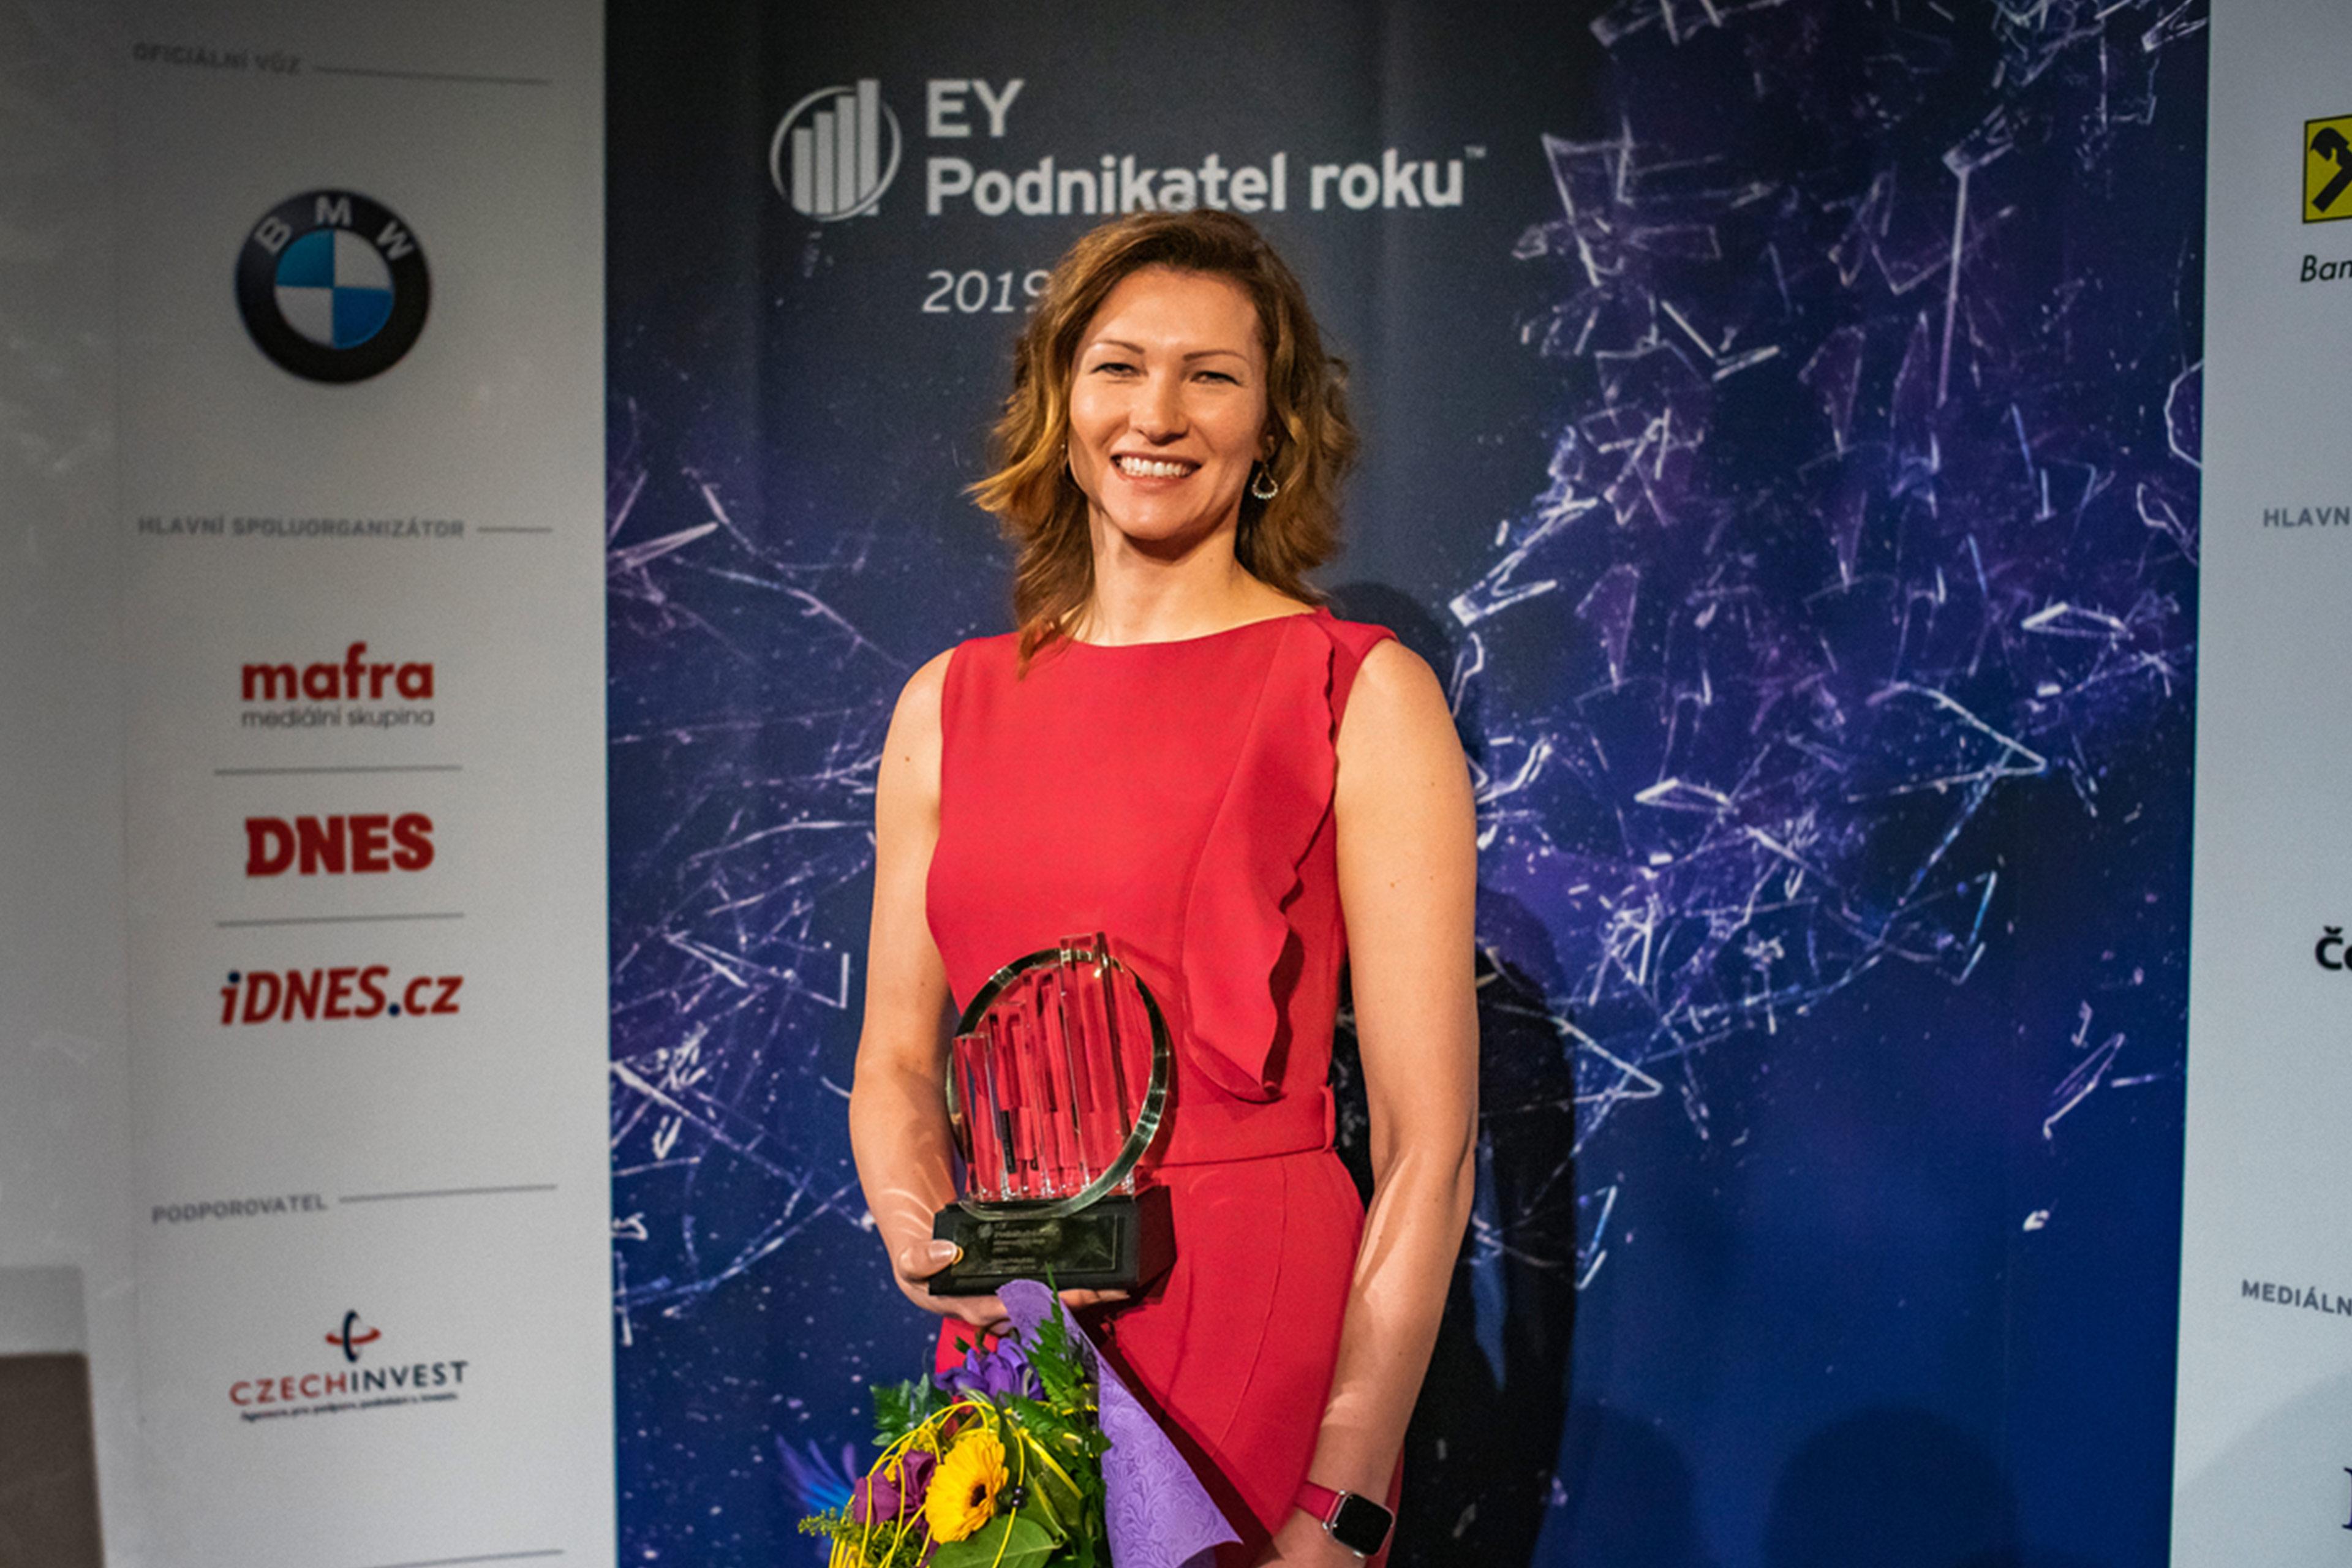 Petra Pohořská, spolumajitelka společnosti ABO valve, s.r.o., držitelka titulu EY Podnikatel roku 2019 Olomouckého kraje